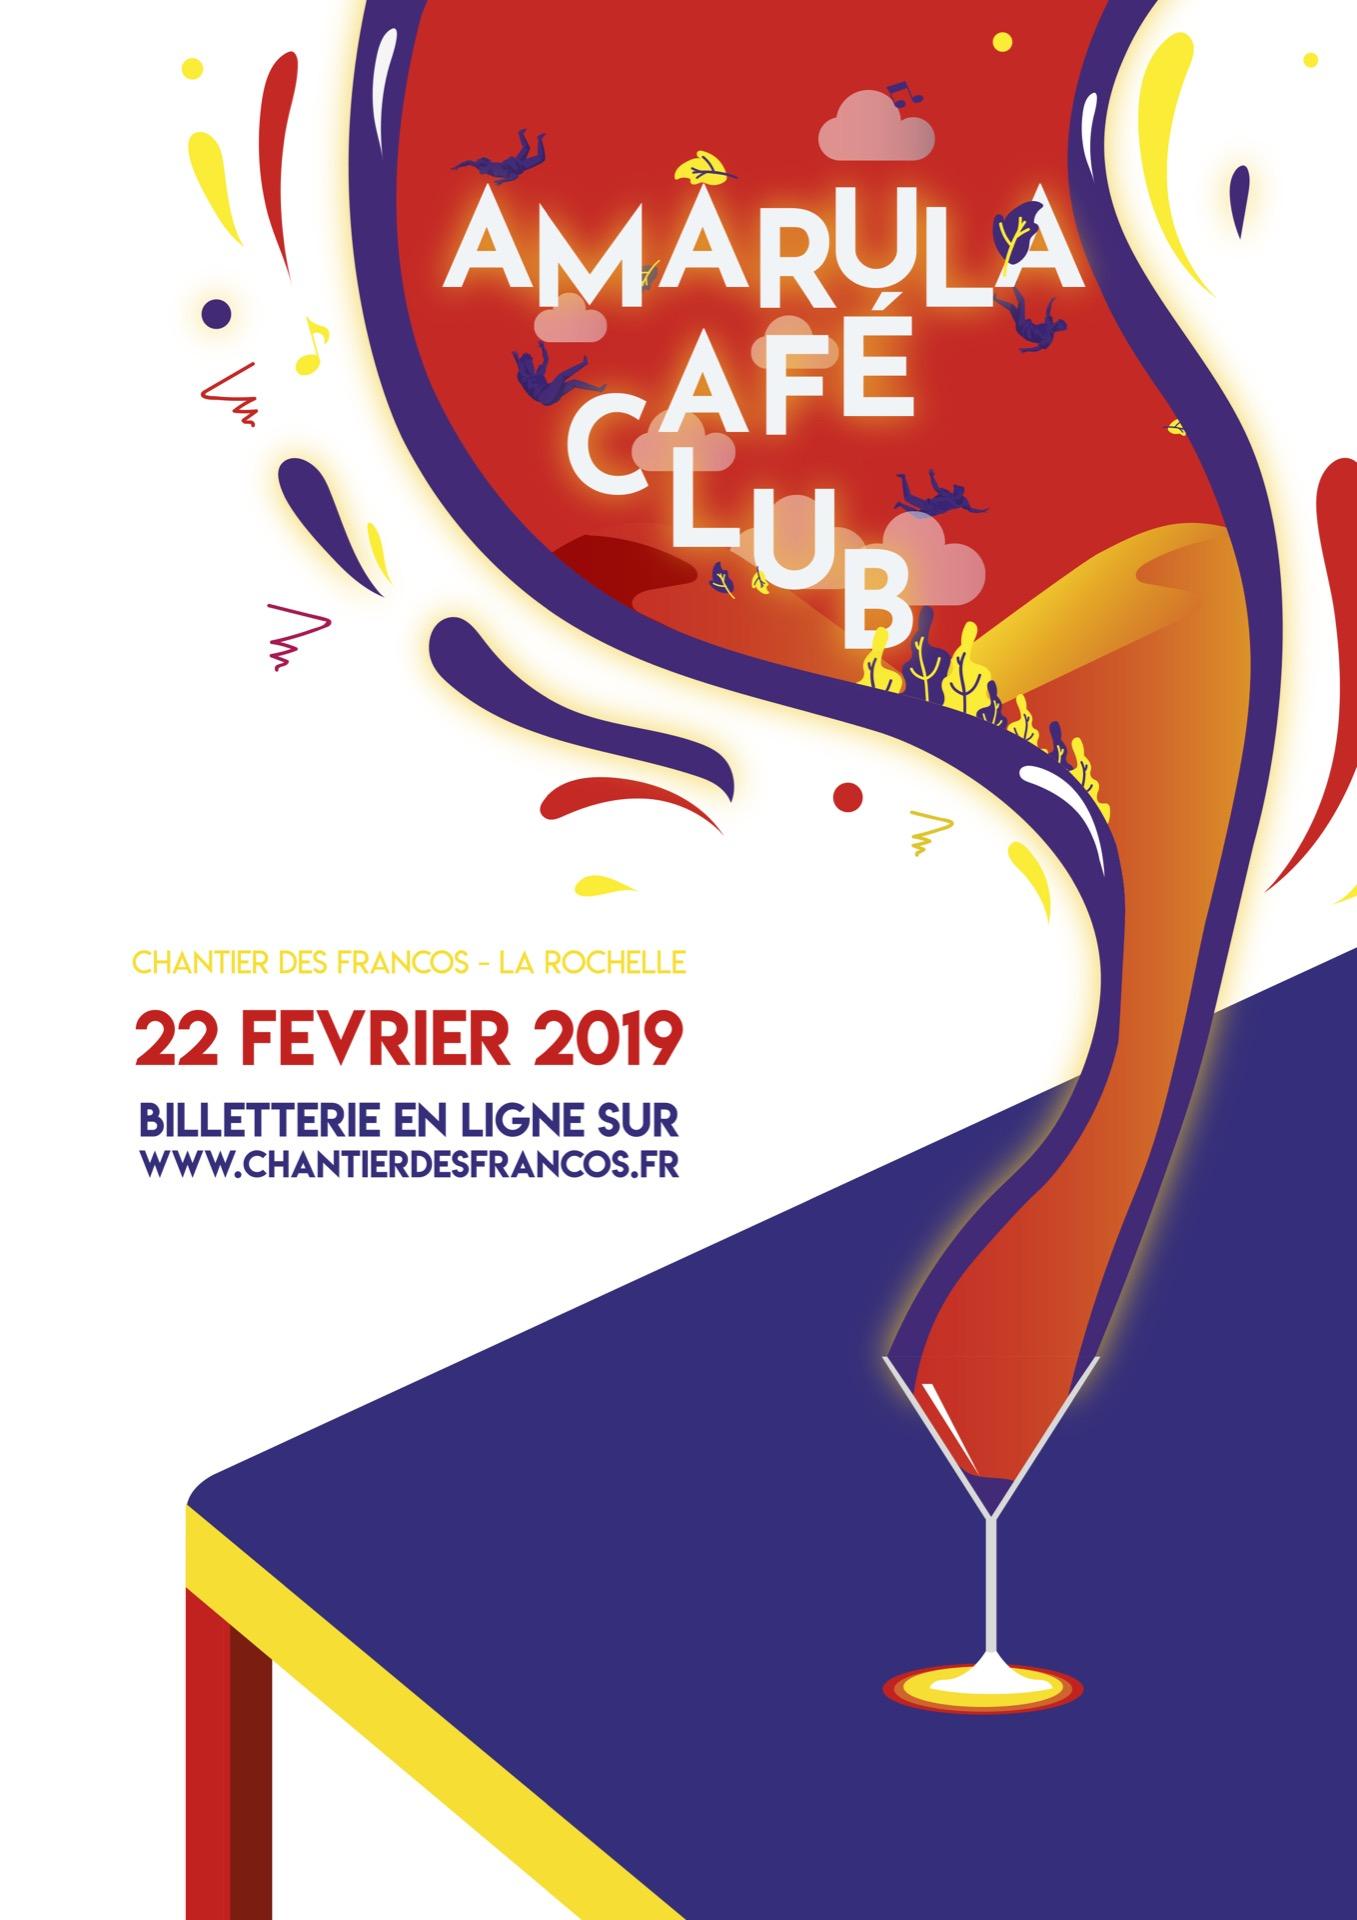 Amarula Café Club par Thierry Paré